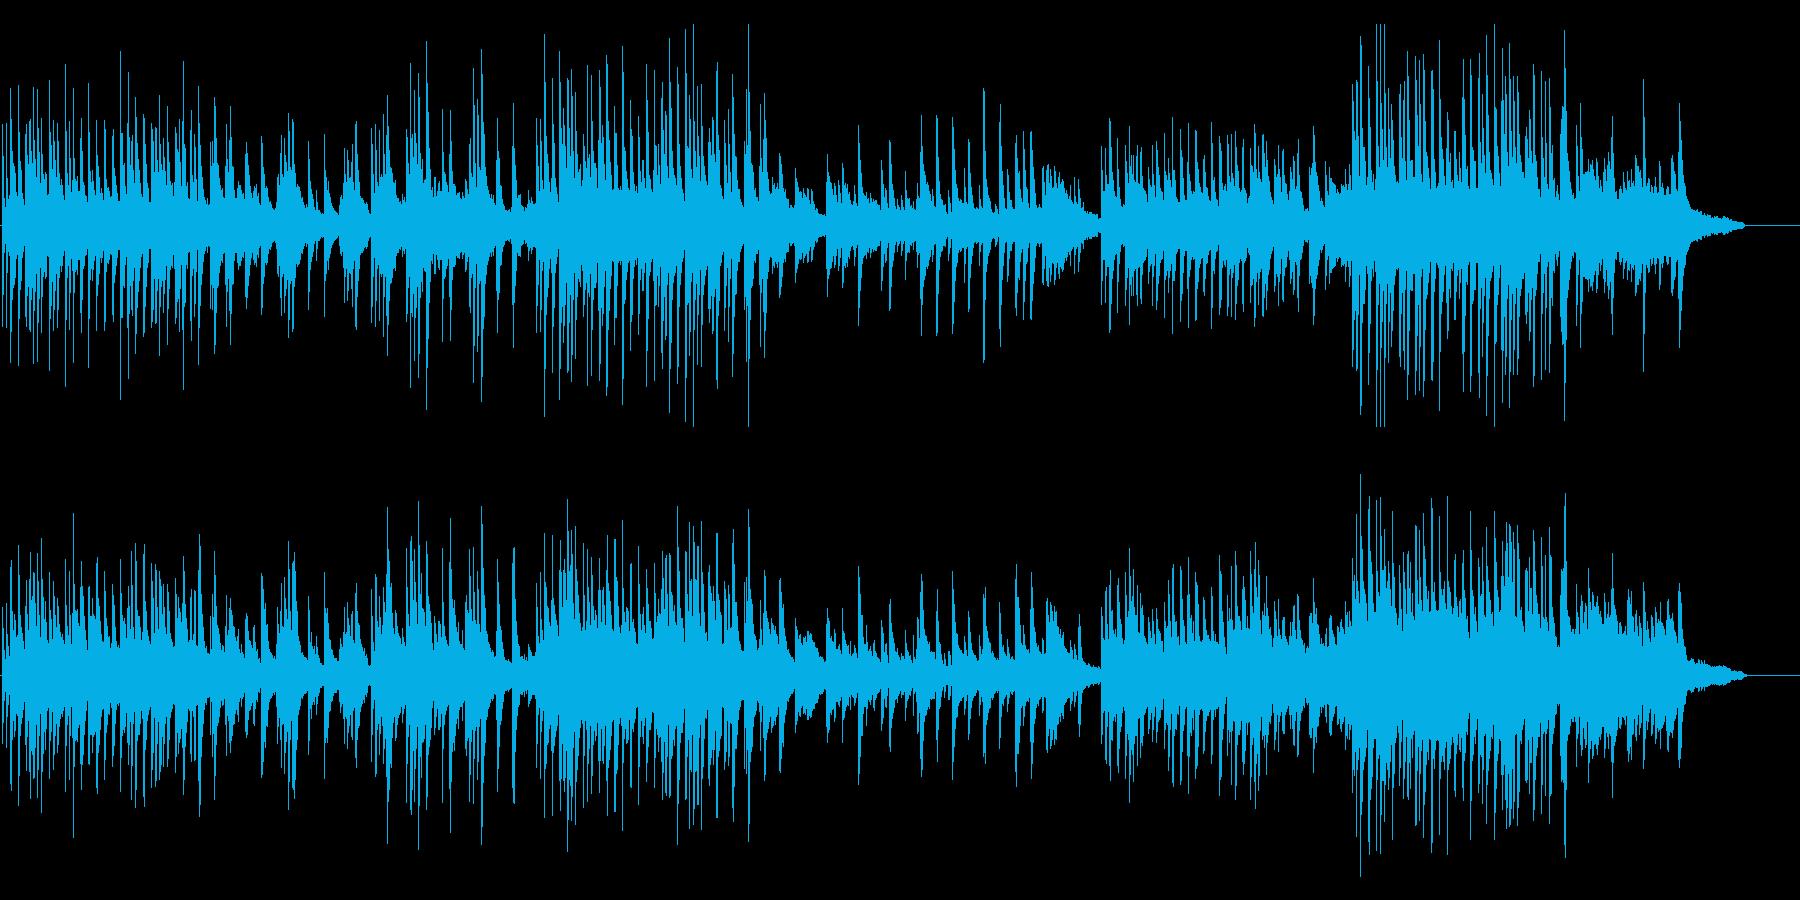 ピアノ/琴/落ち着いた雰囲気の和風曲Aの再生済みの波形